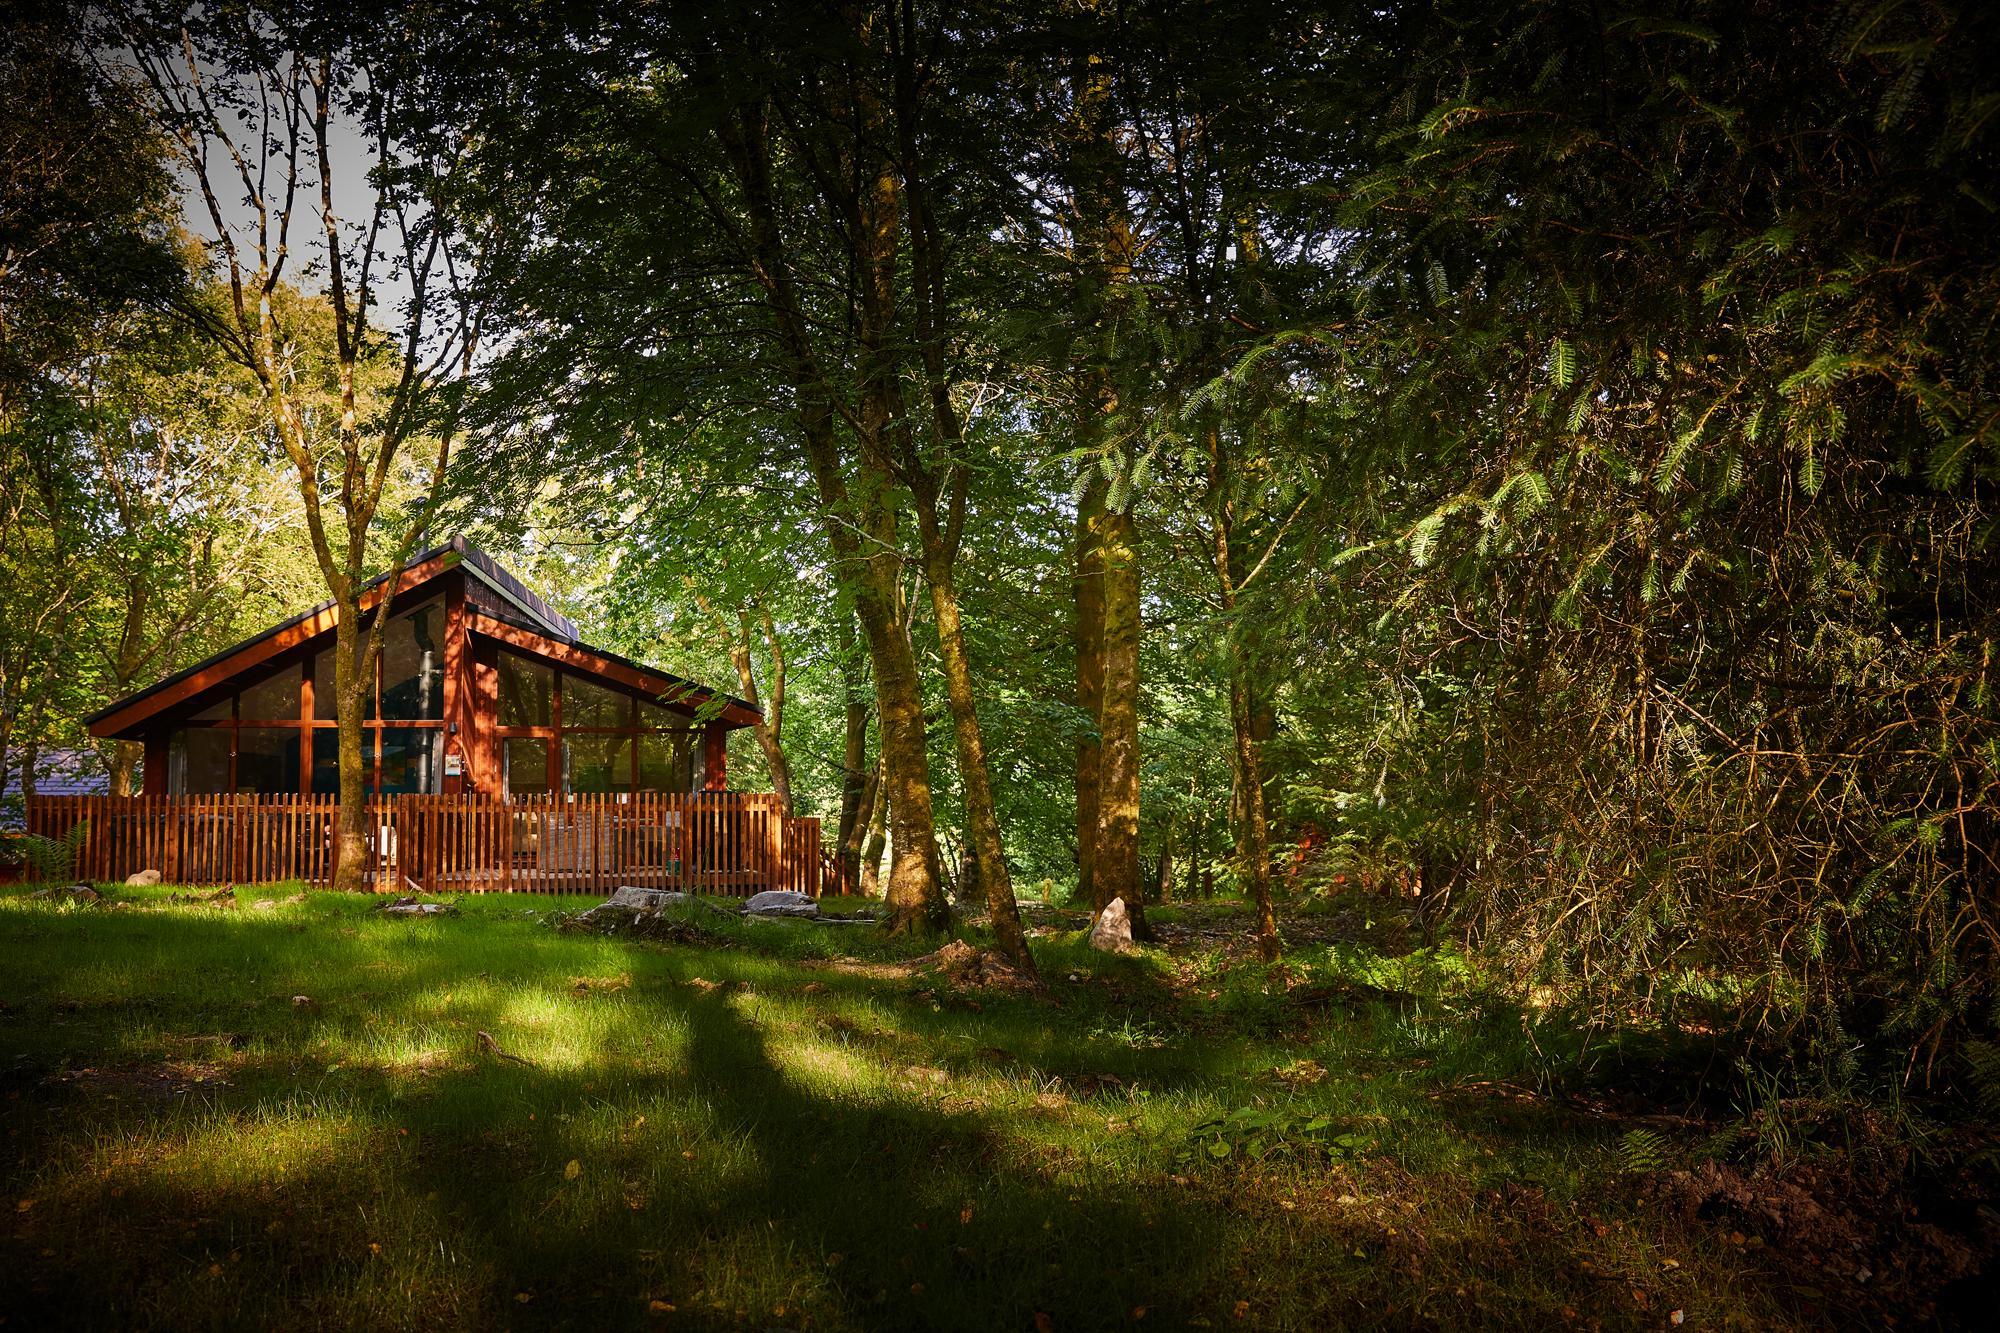 Forest Holidays Beddgelert Gwynedd